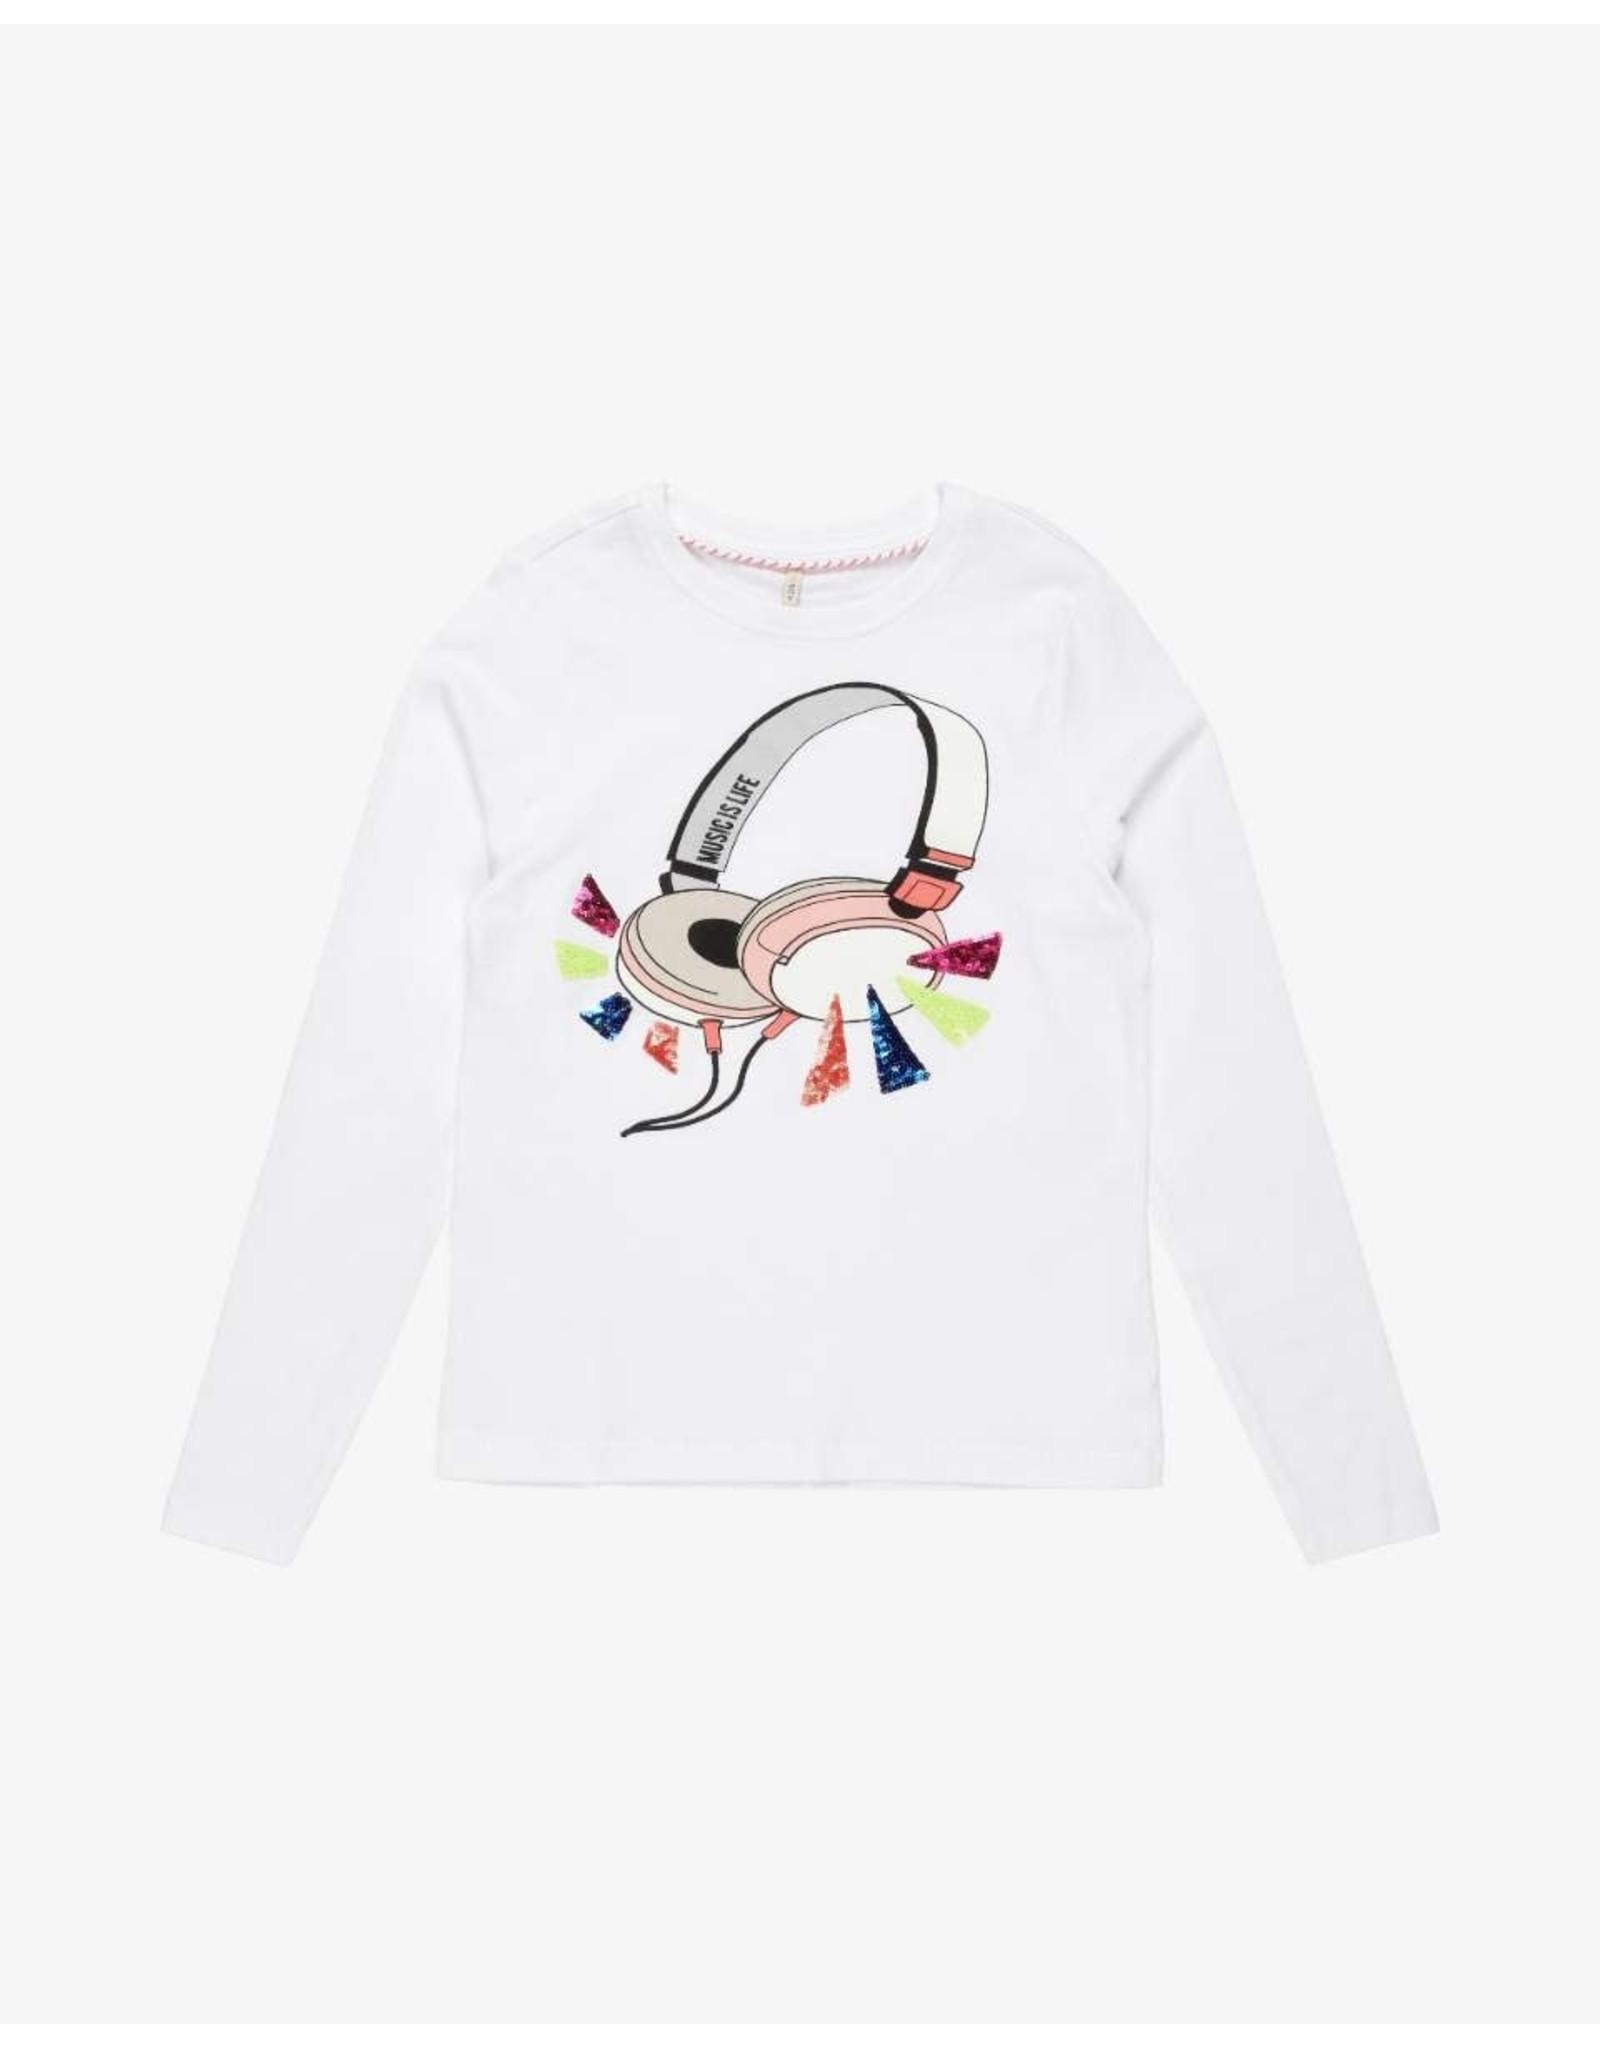 KIDS ONLY Witte t-shirt met koptelefoon print